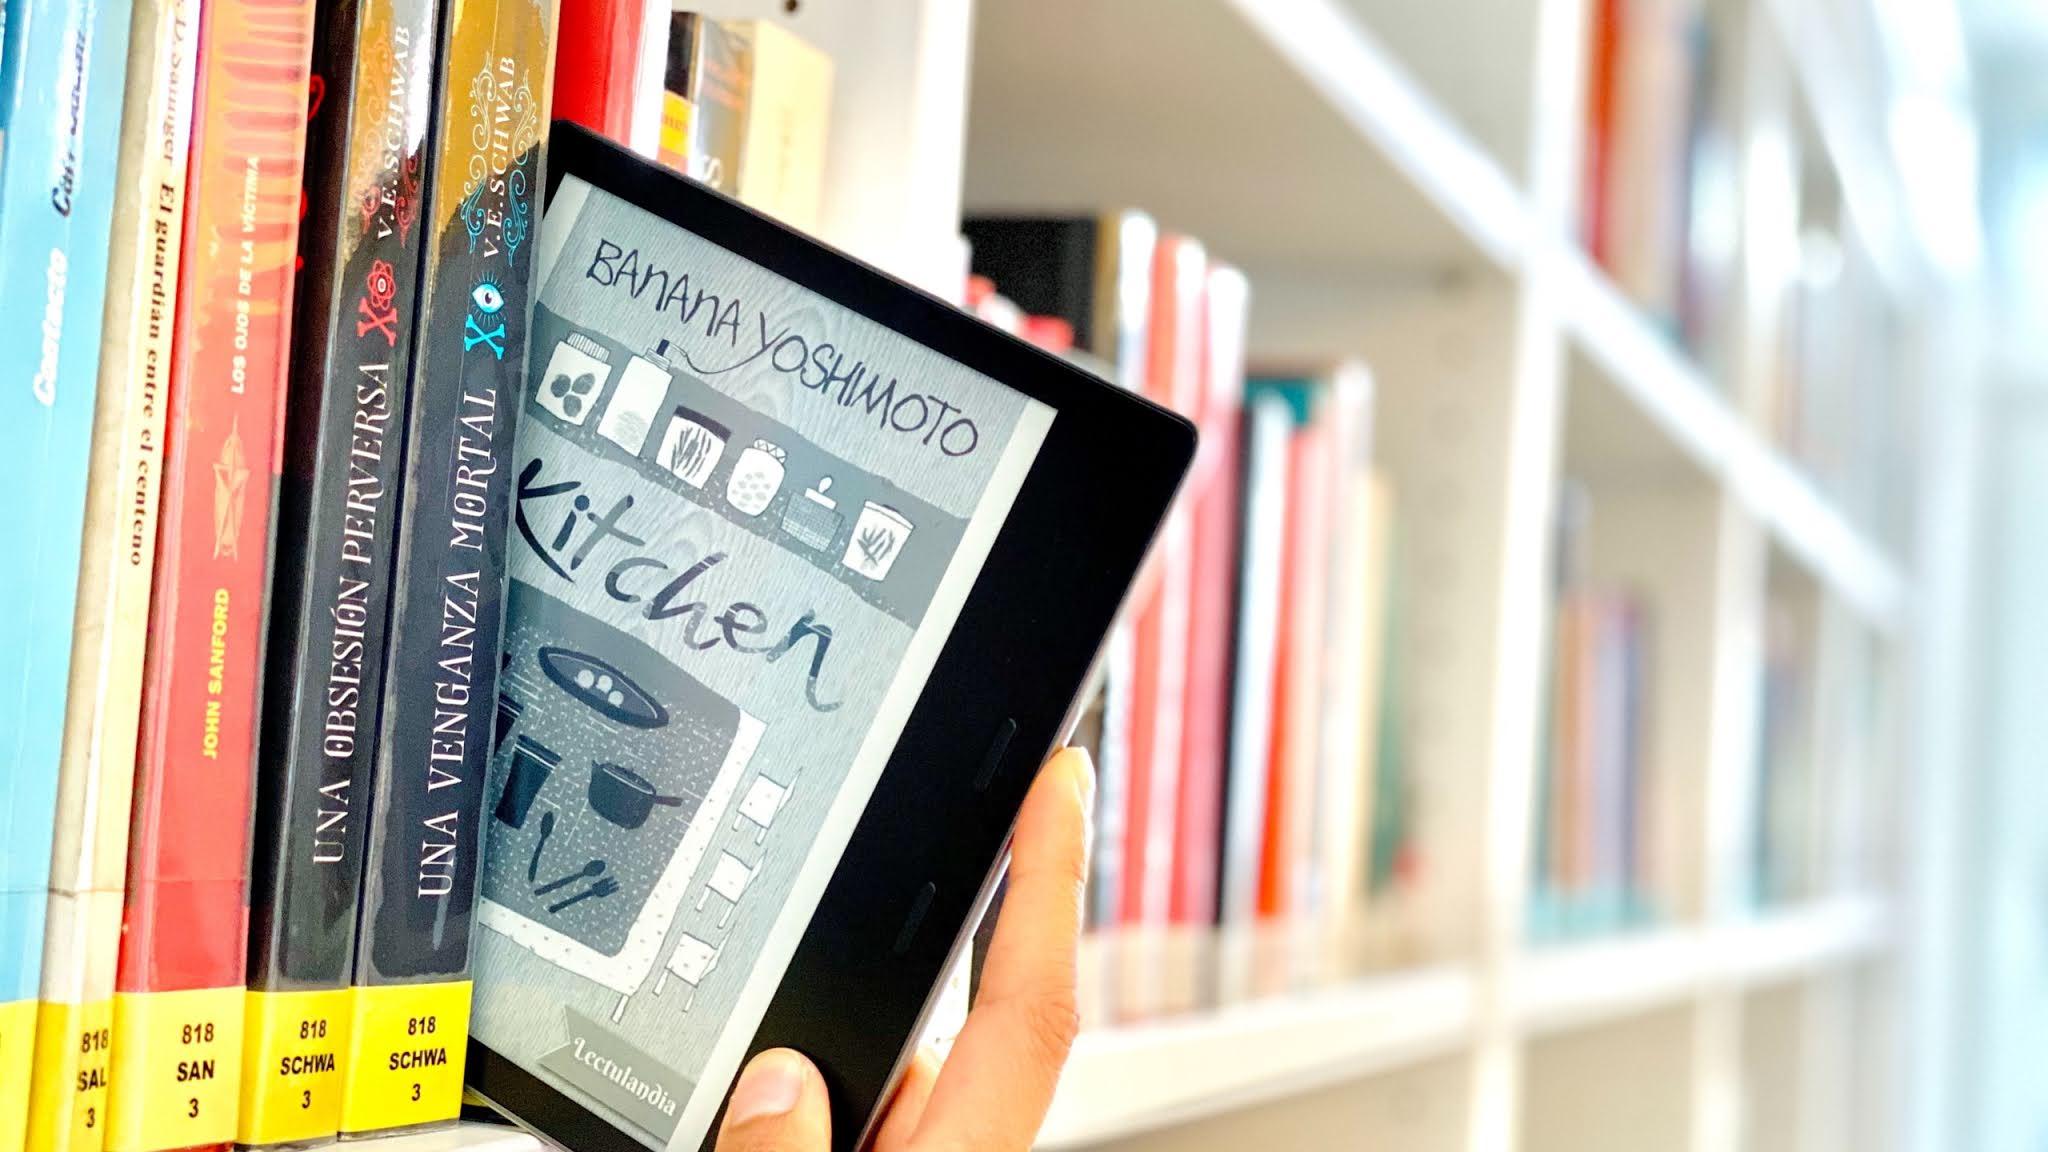 libro_electrónico_kindle